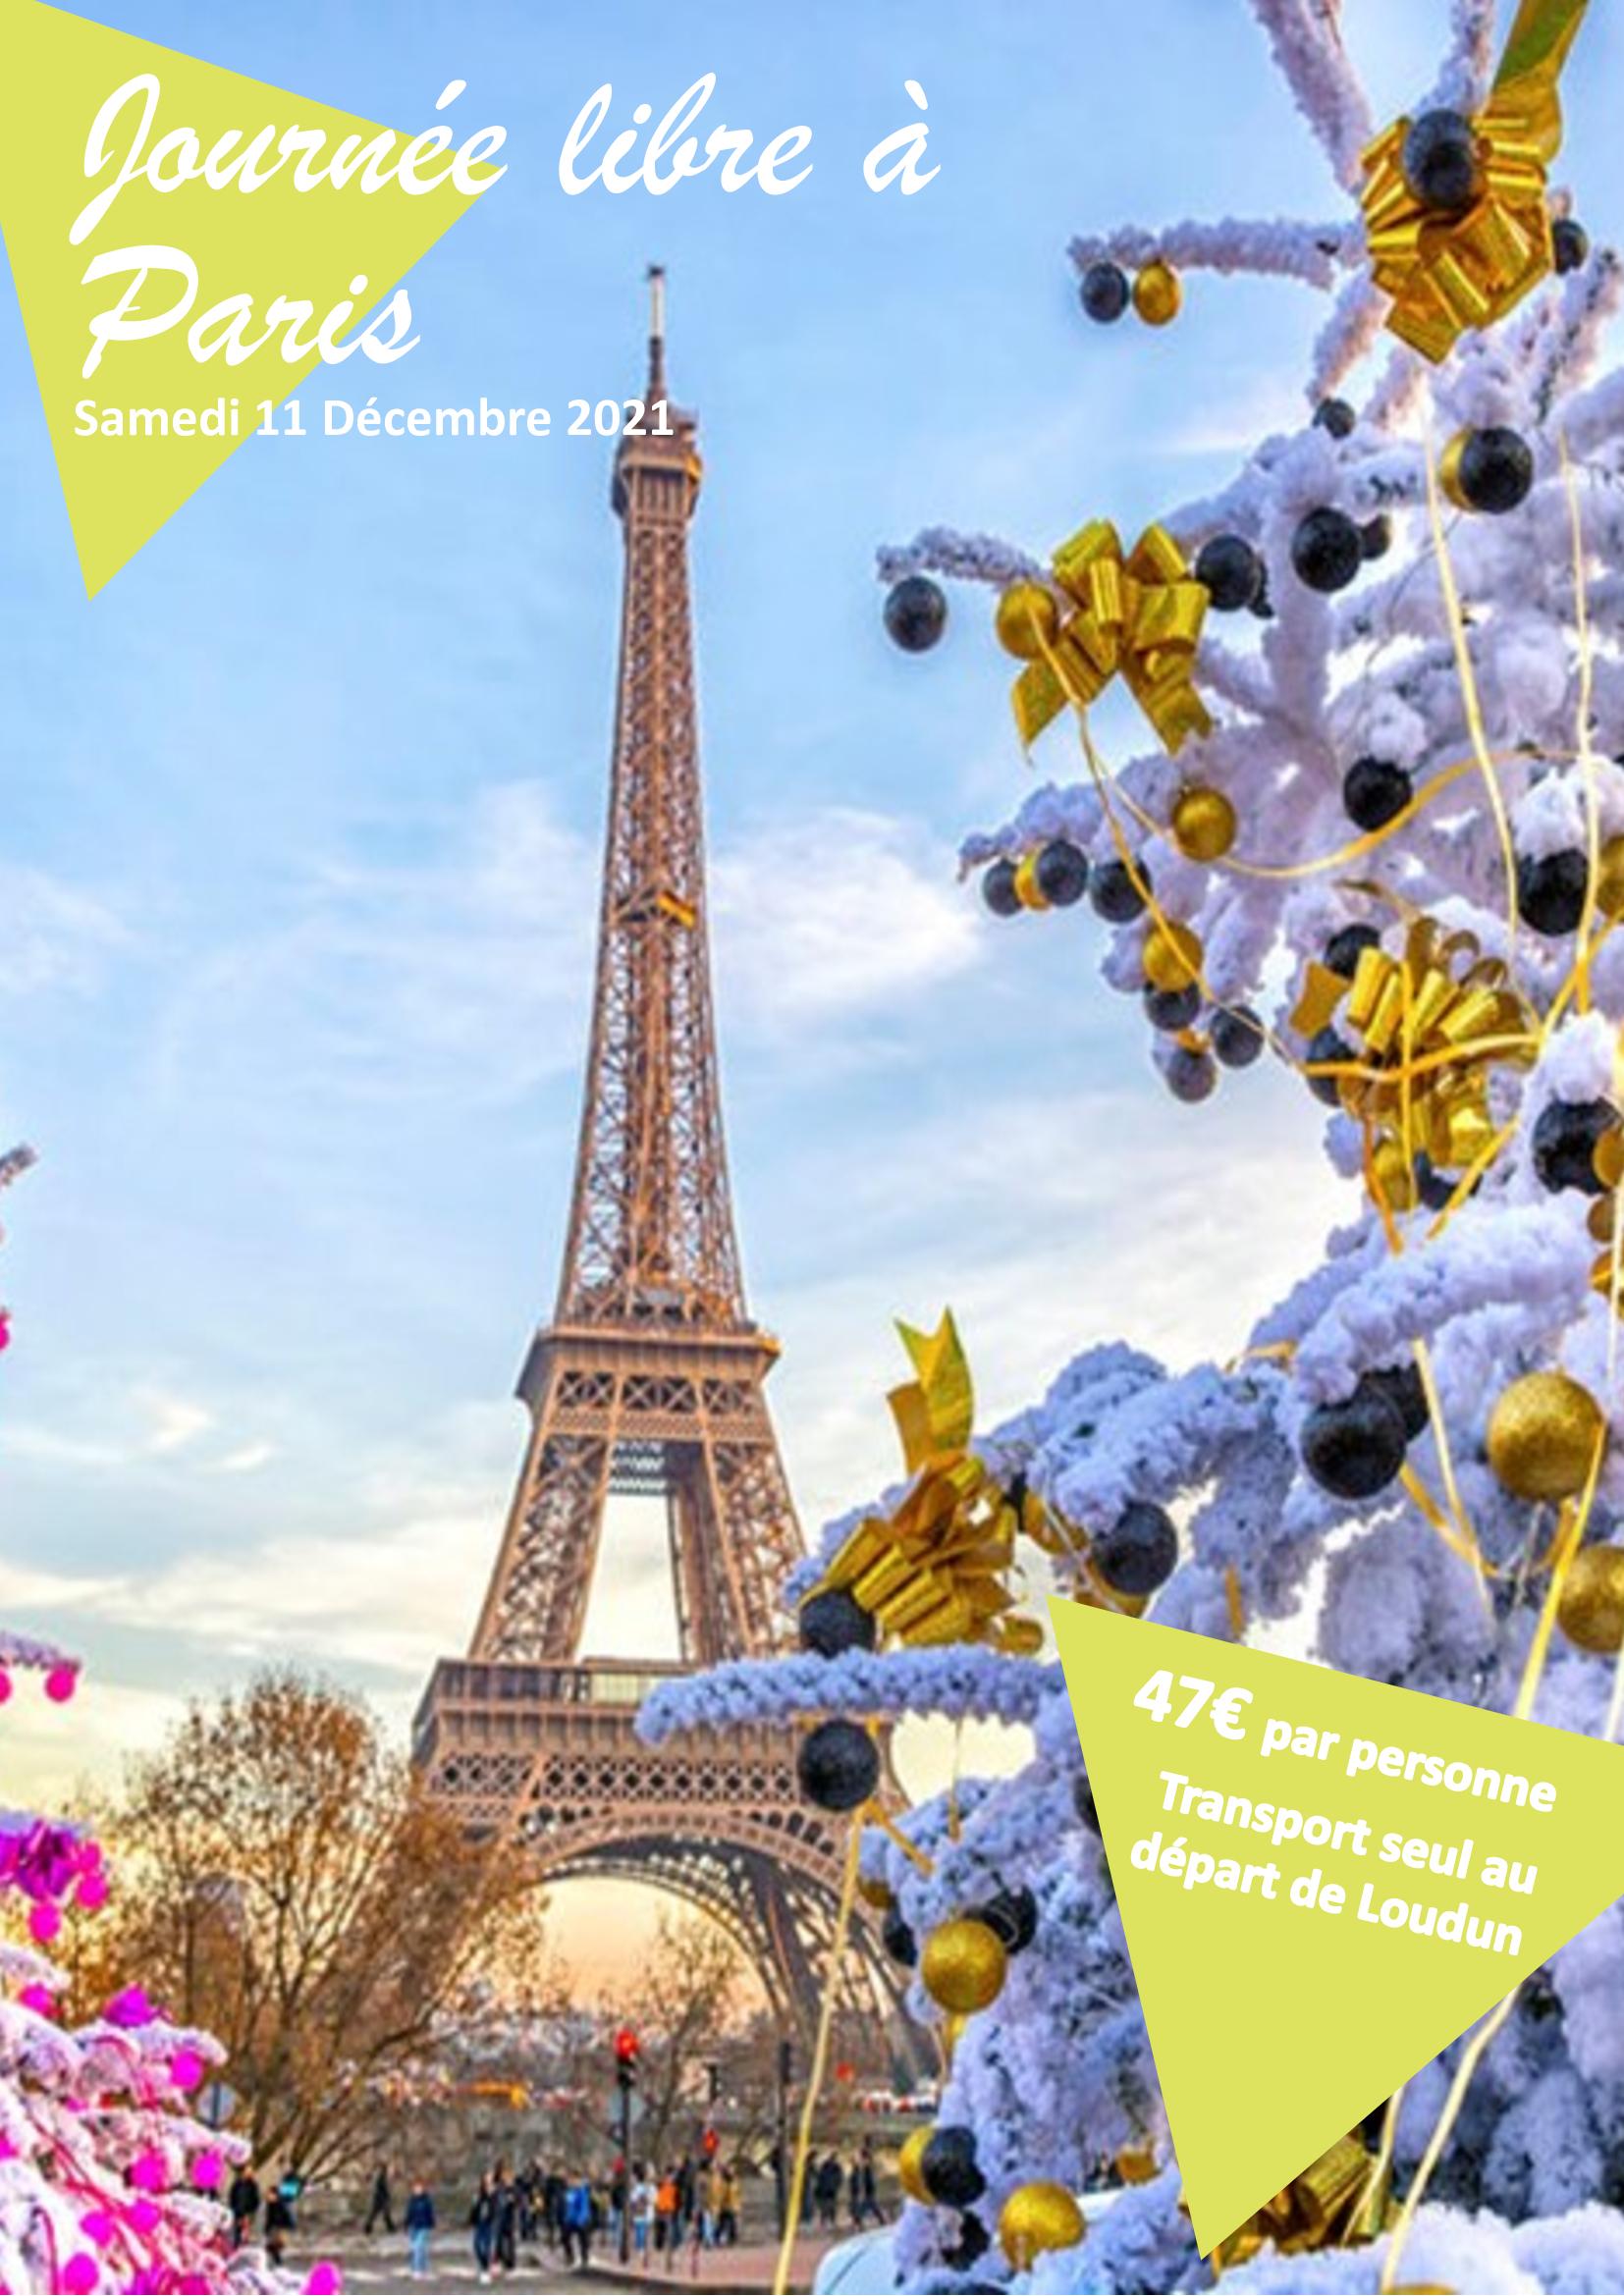 Journée libre à Paris // Fêtes de Noël // 11 décembre 2021 = 47€